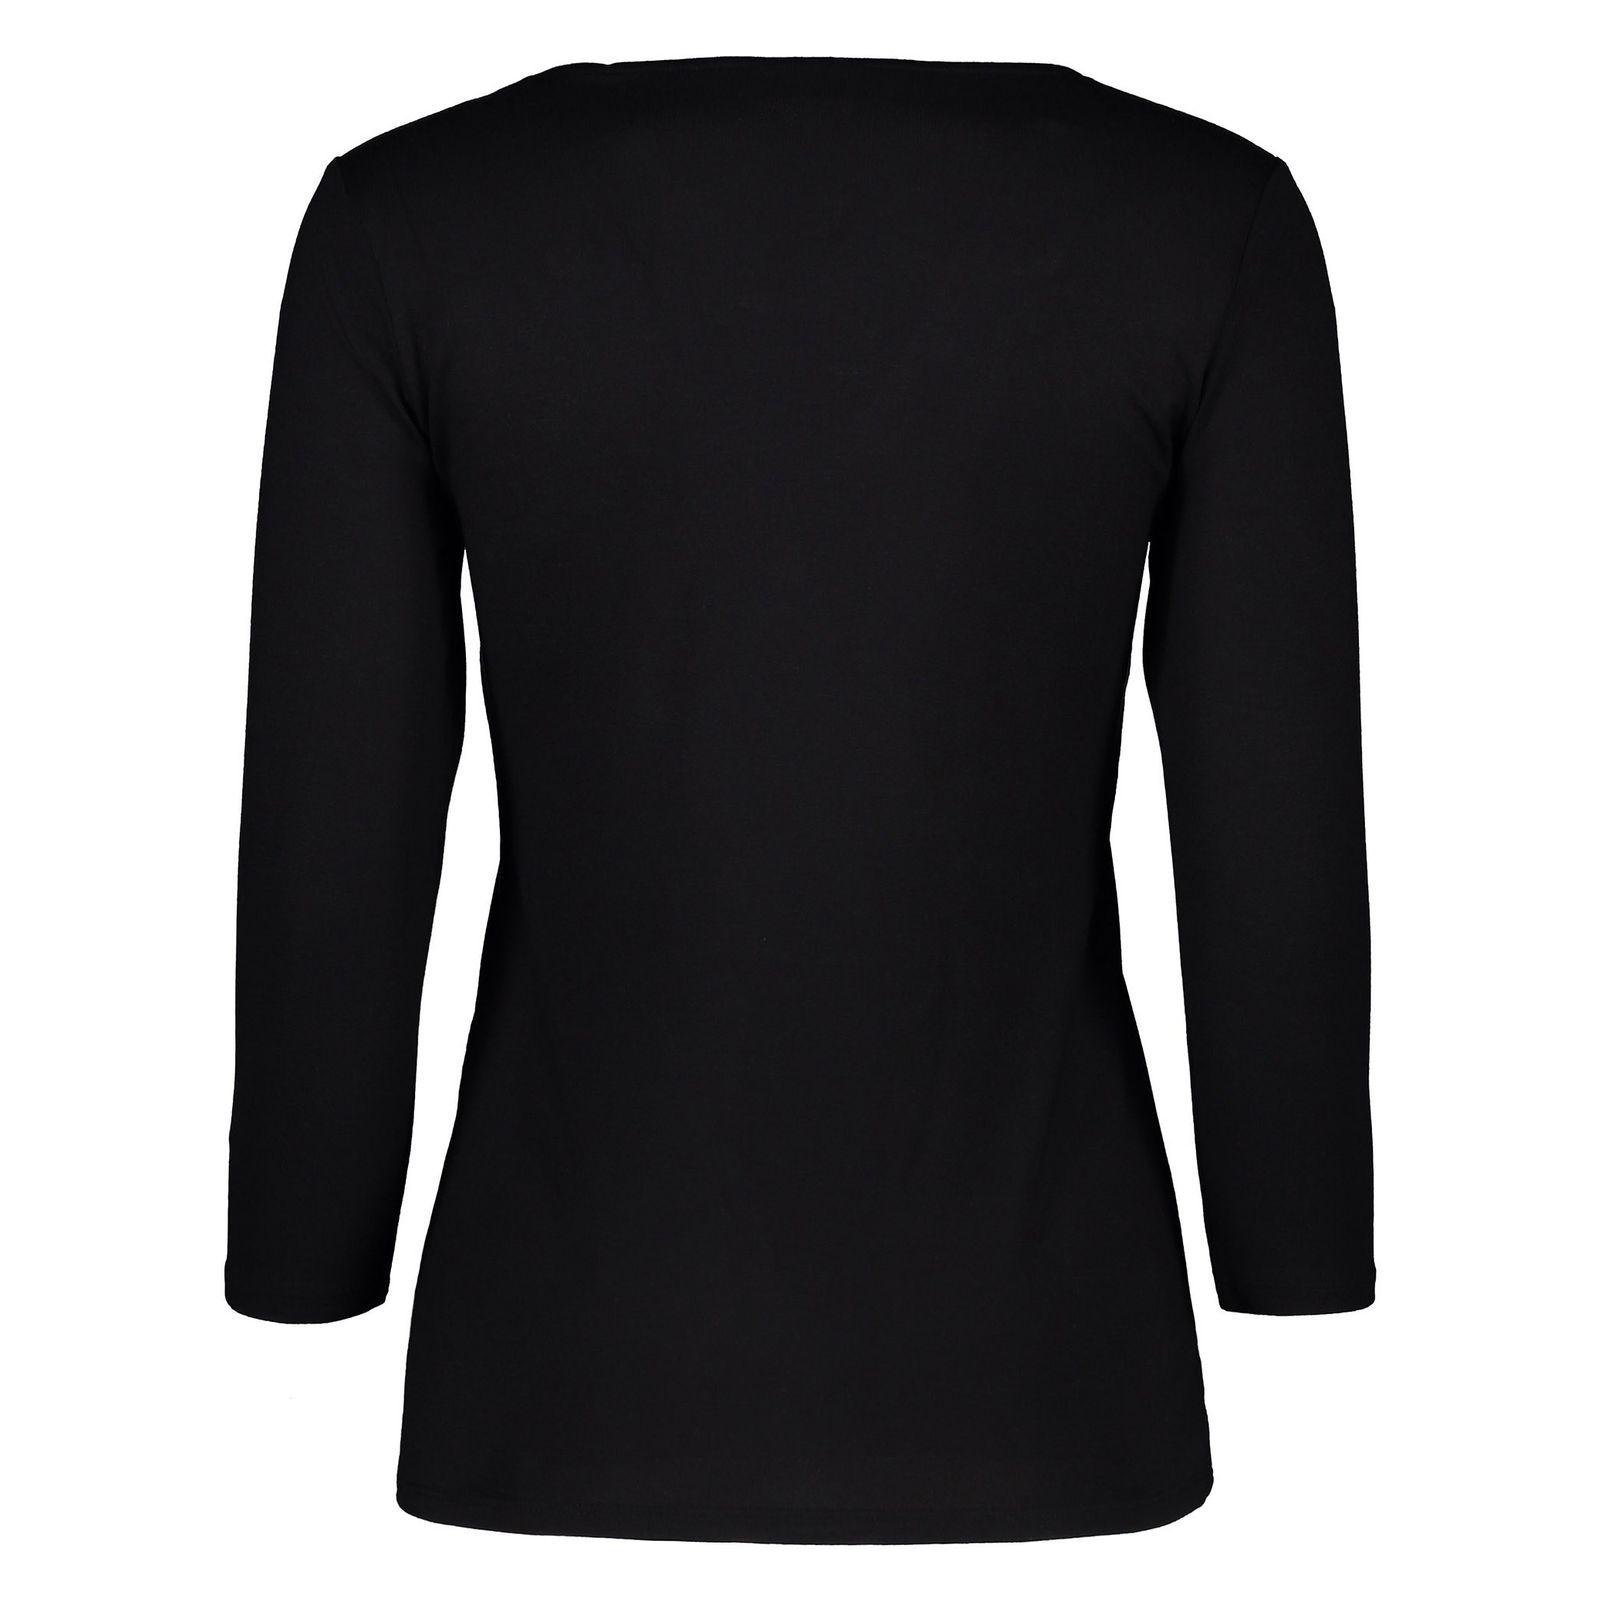 تی شرت ویسکوز یقه هفت زنانه - اس.اولیور - مشکي - 2